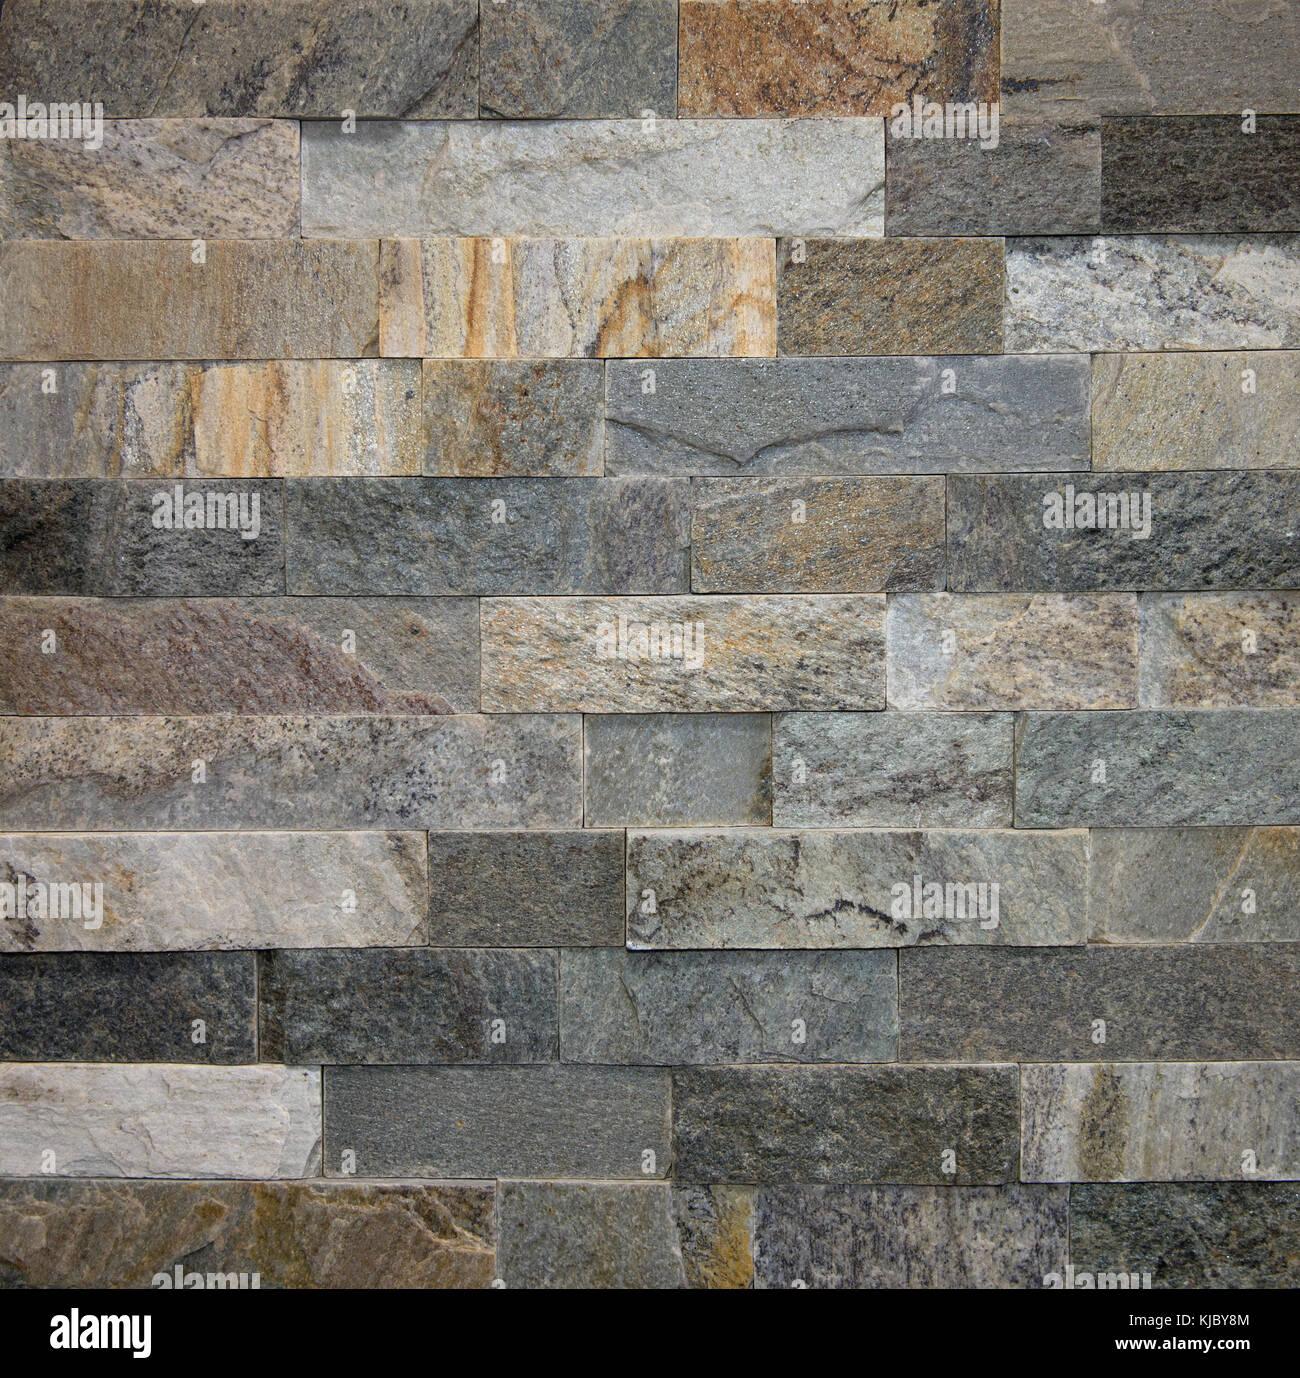 wand aus naturstein, naturstein ziegel stein wand textur. marmortextur dekorative, Design ideen